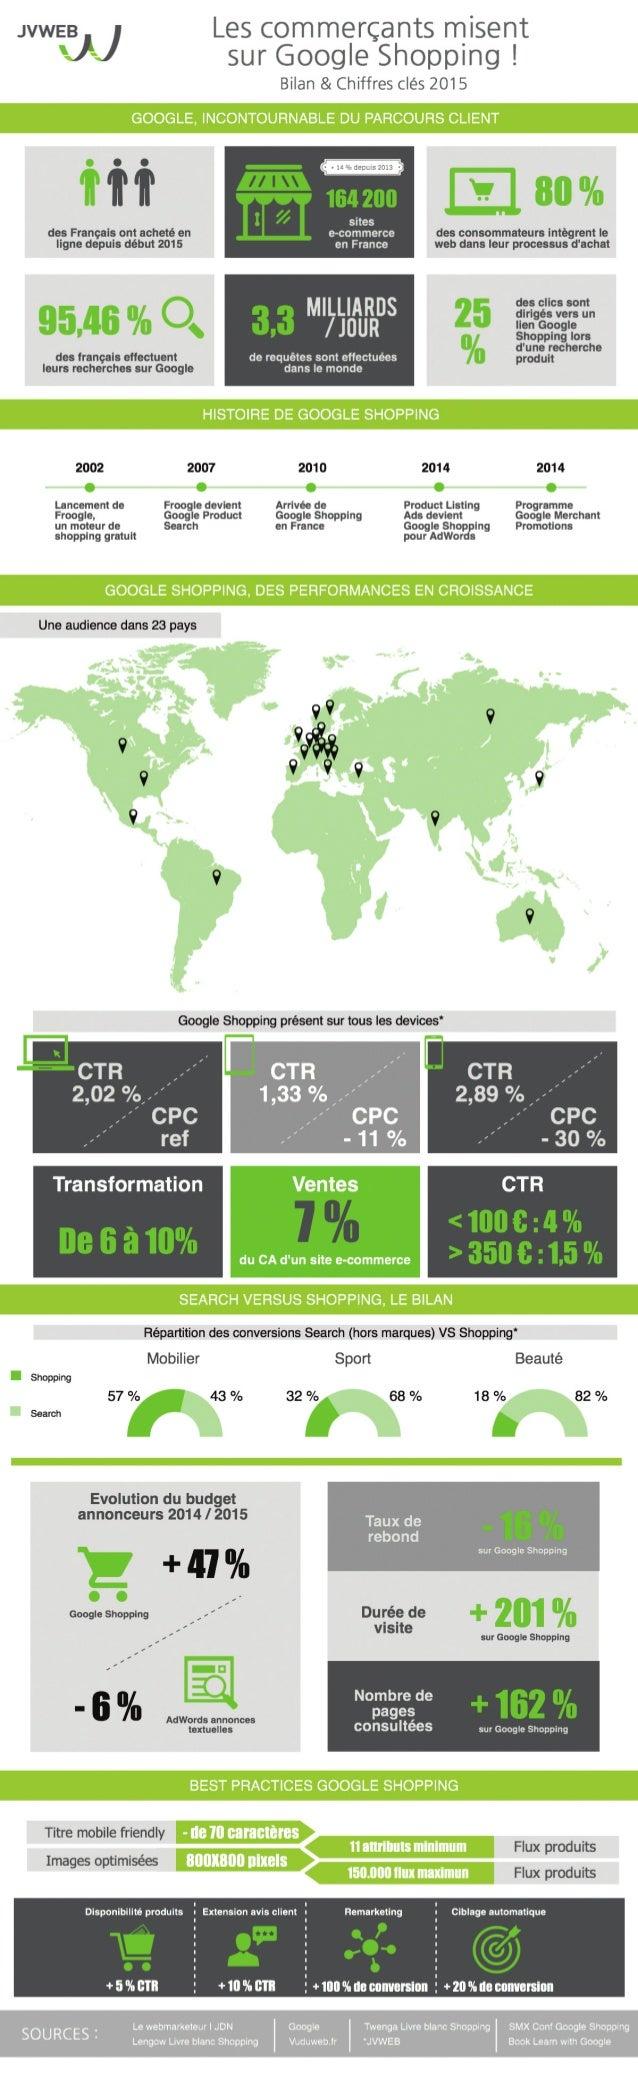 Infographie: les e-commerçants misent sur Google Shopping